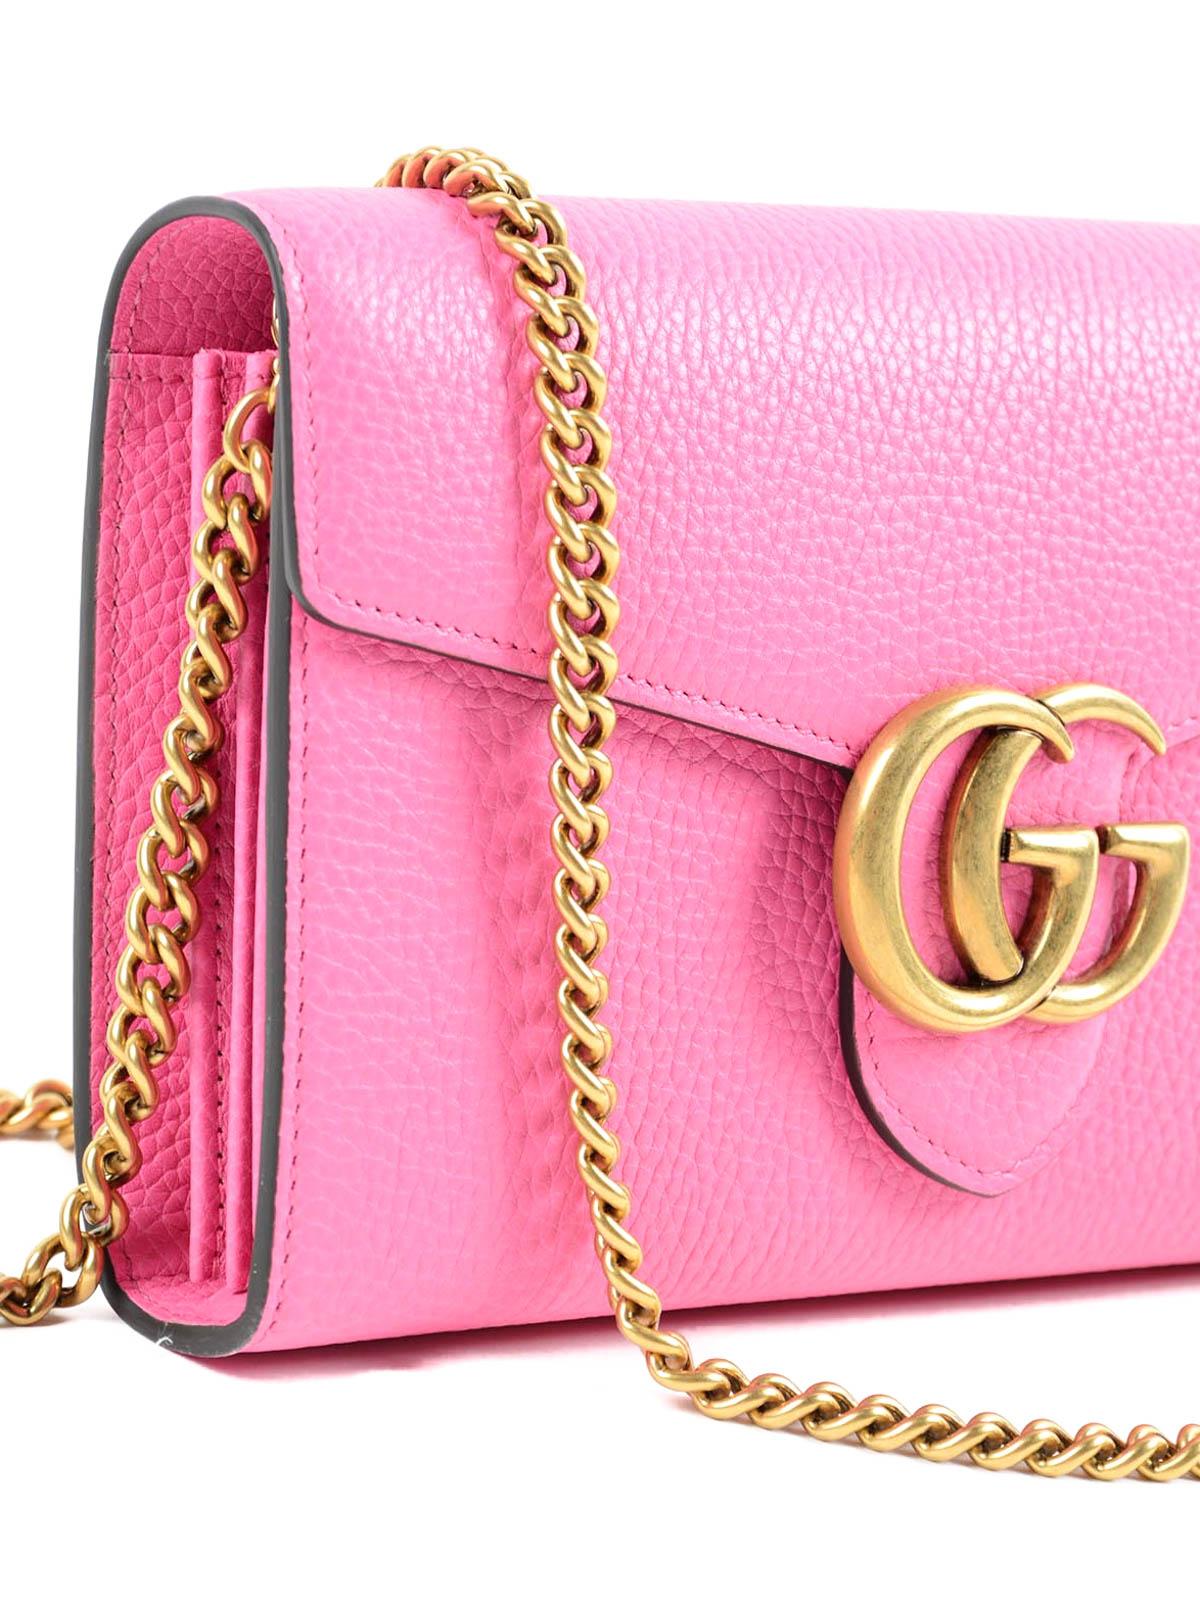 1d94b75eb Gucci - Bolsa De Hombro Gg Marmont - Rosado - Bolsos de hombro ...